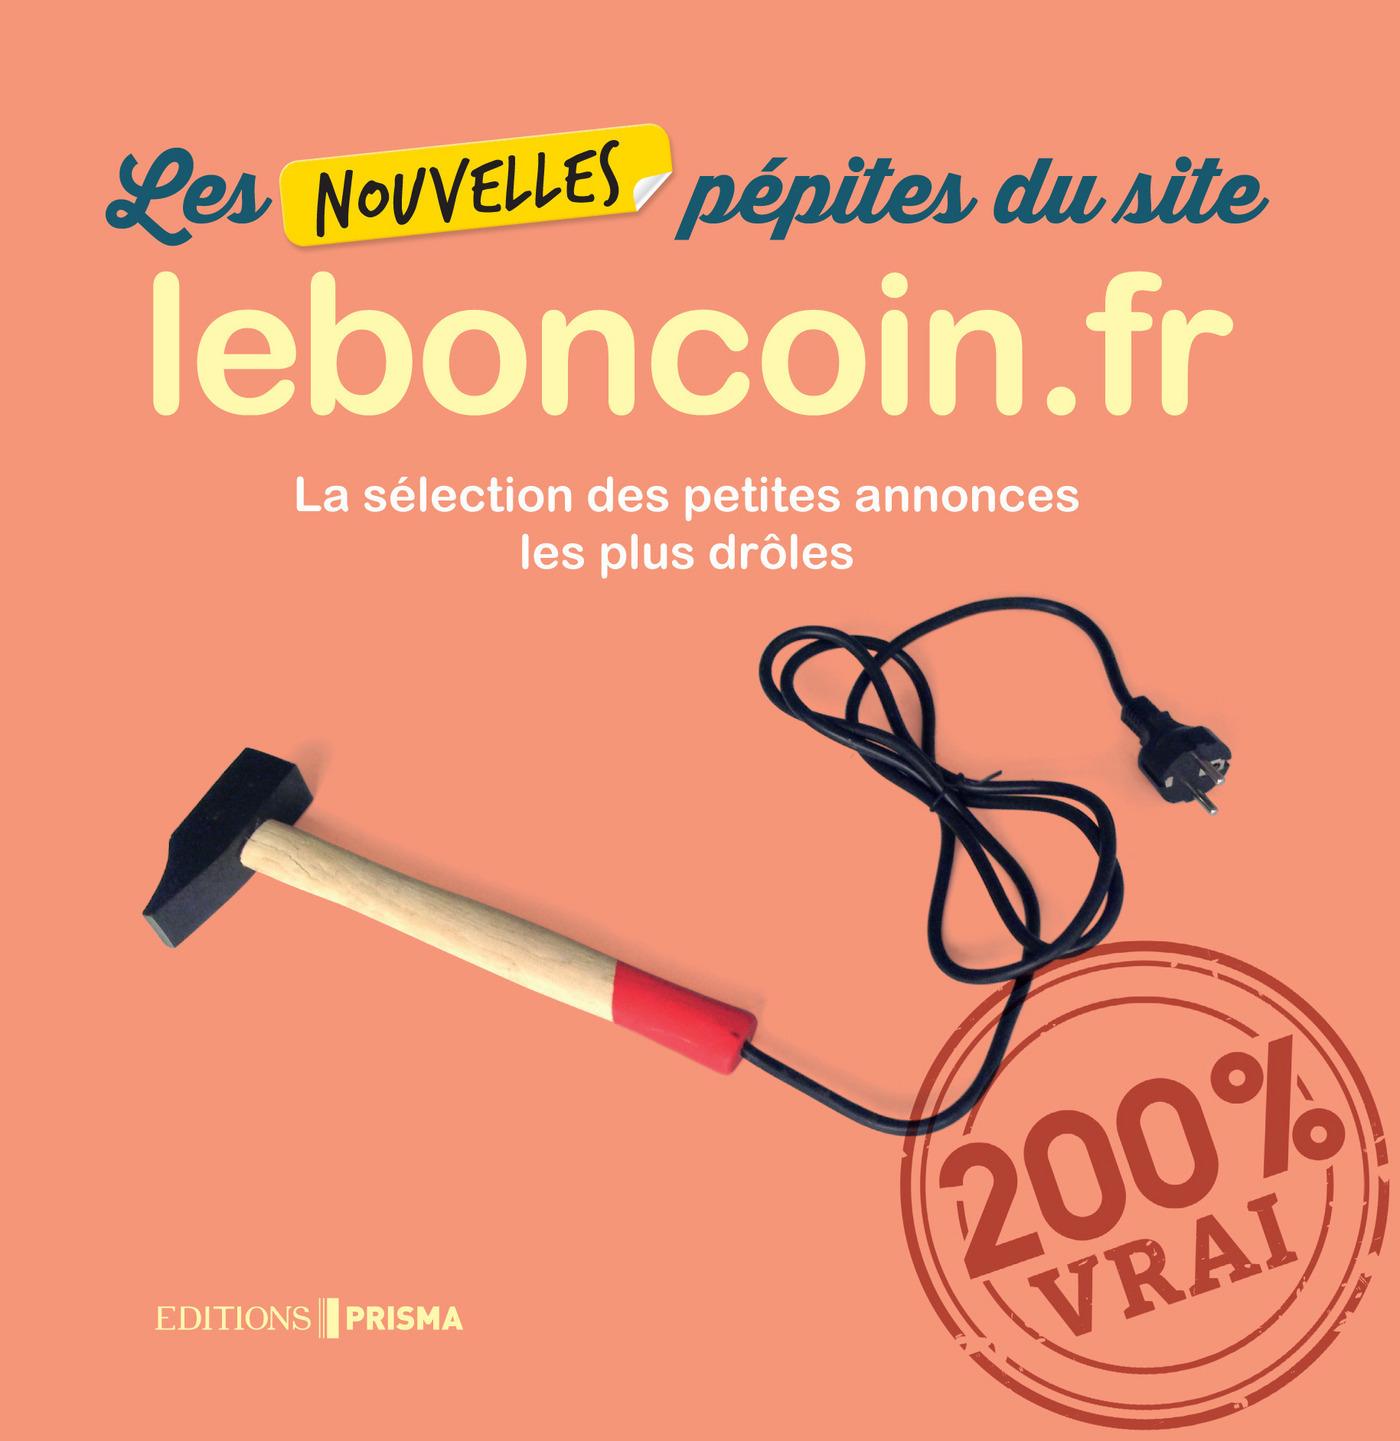 Les nouvelles pépites du site leboncoin.fr - tome 2